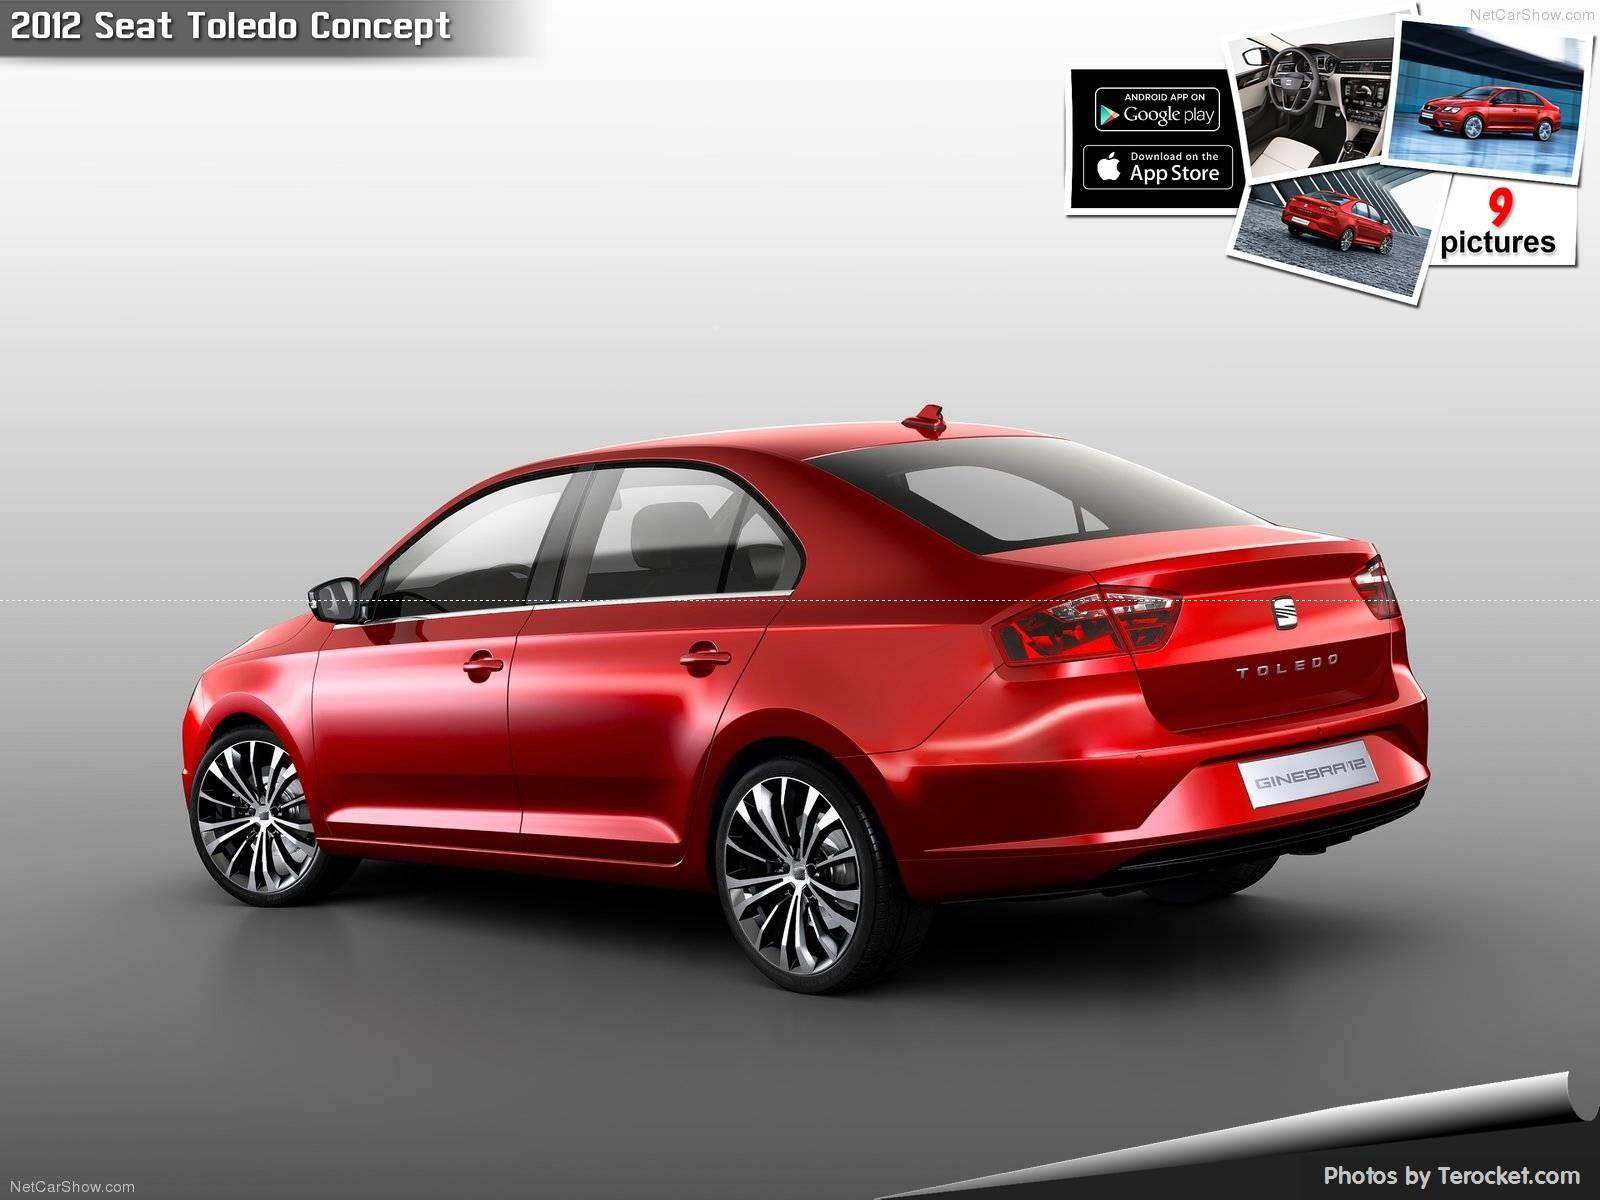 Hình ảnh xe ô tô Seat Toledo Concept 2012 & nội ngoại thất